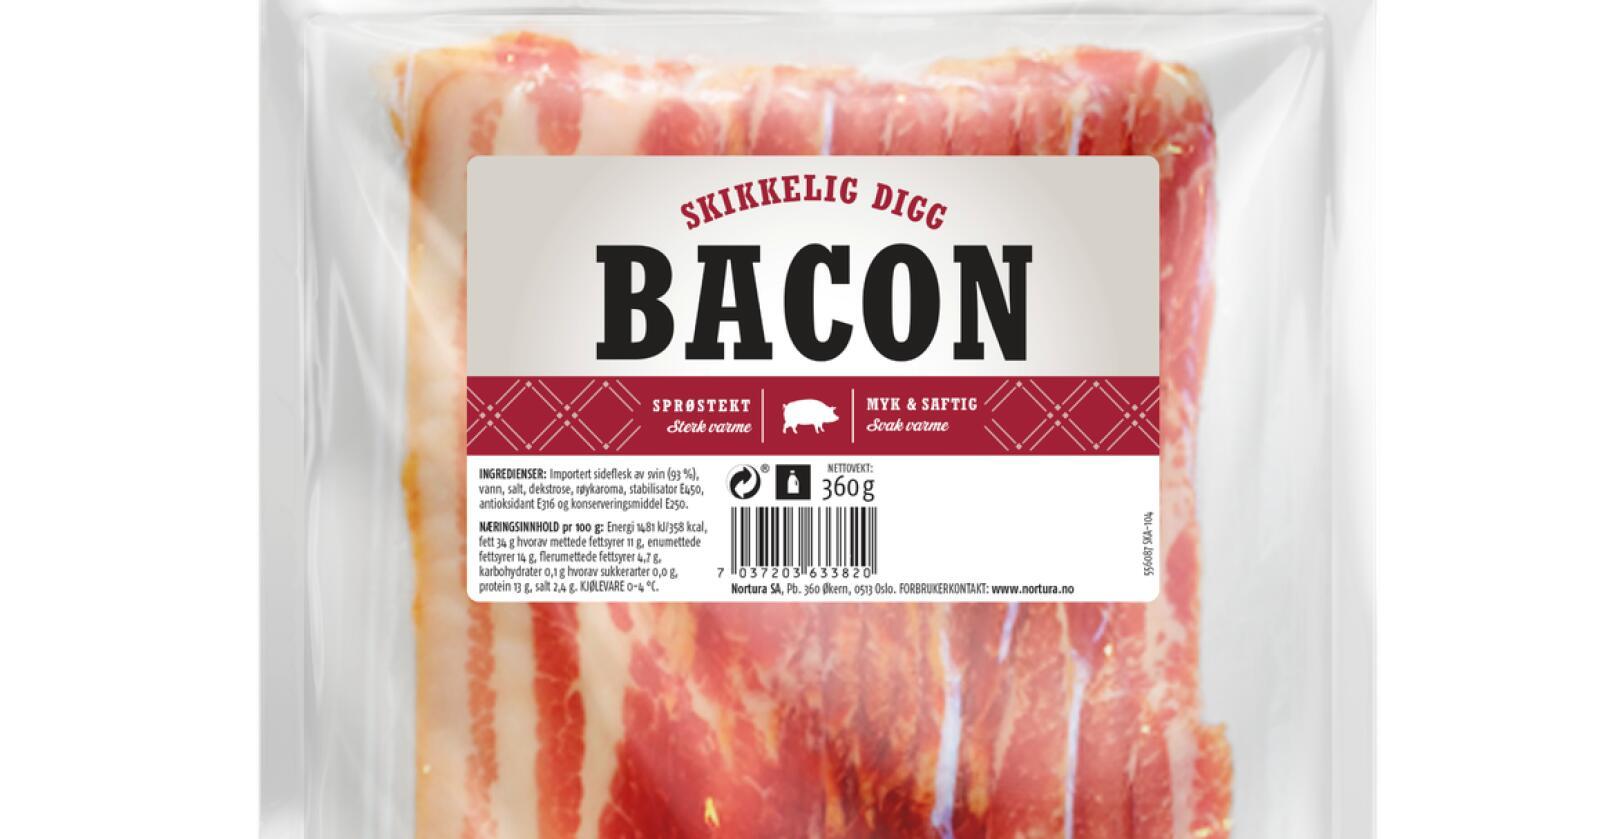 Nortura utvider tilbakekalling av baconet med navn «Skikkelig digg bacon» til å gjelde flere holdbarhetsdatoer. Foto: Nortura SA